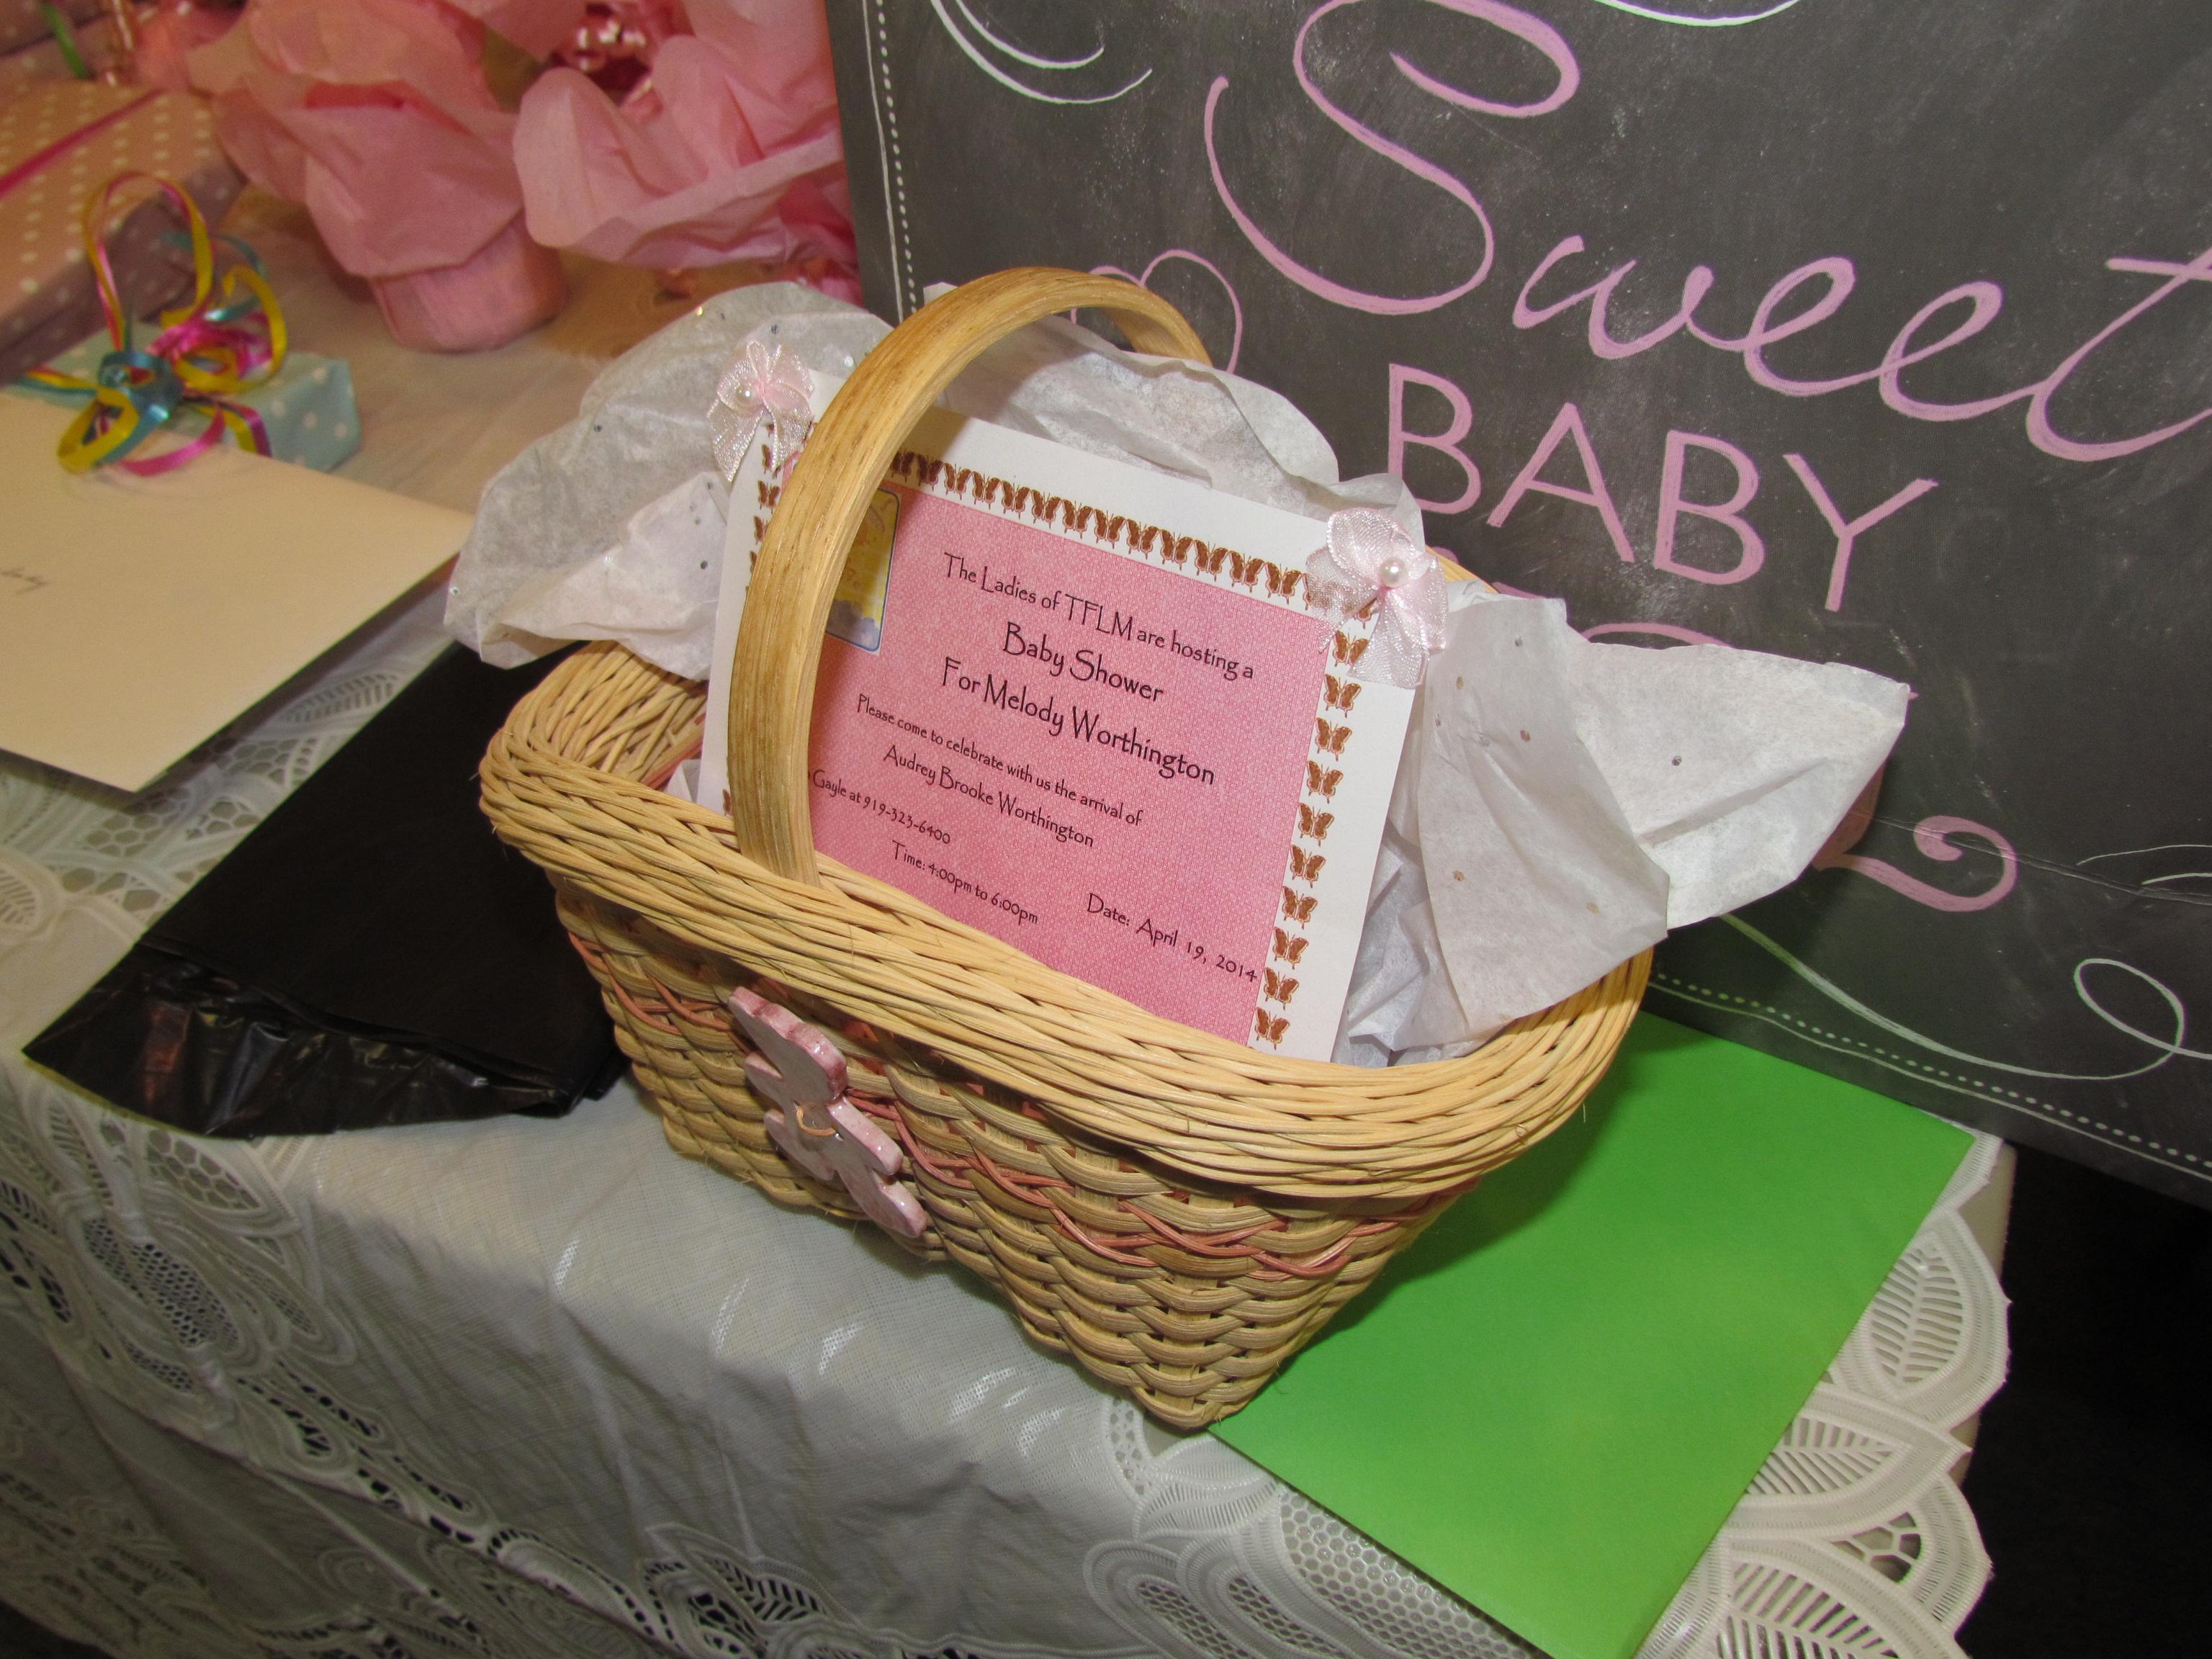 Baby Shower basket close up